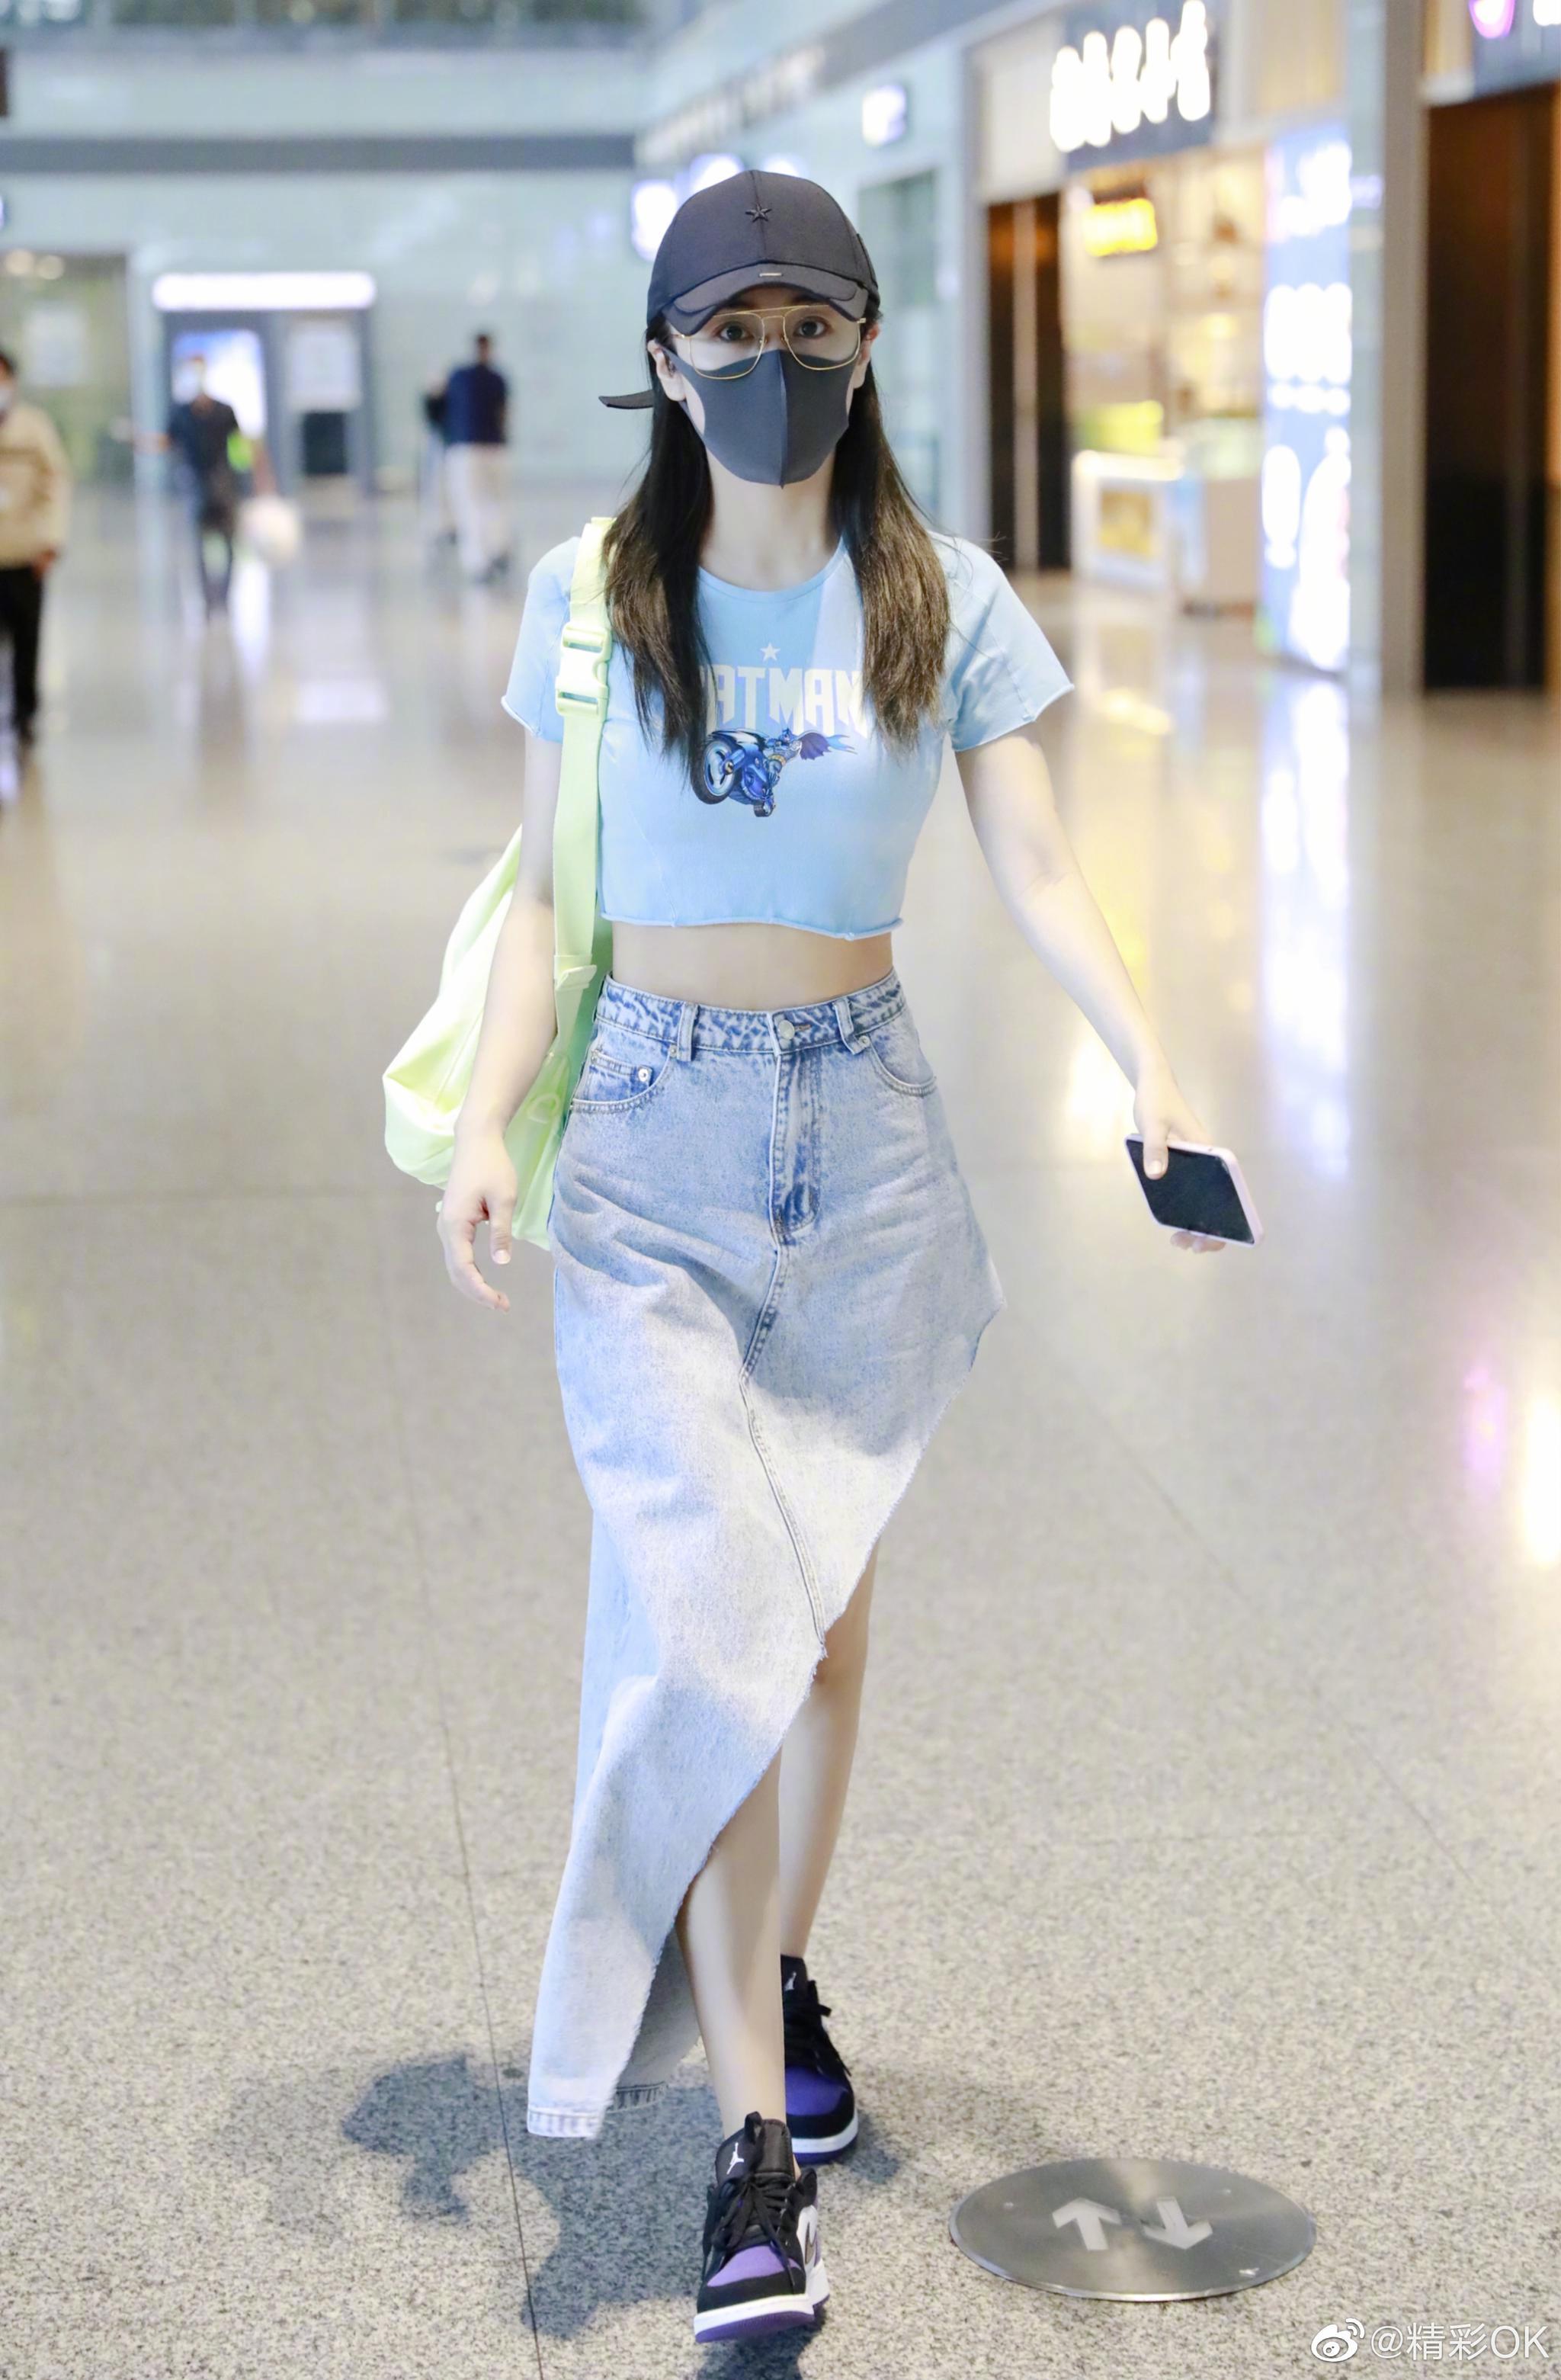 长沙机场素颜出镜,露脐短T搭配斜边牛仔裙,简约清新